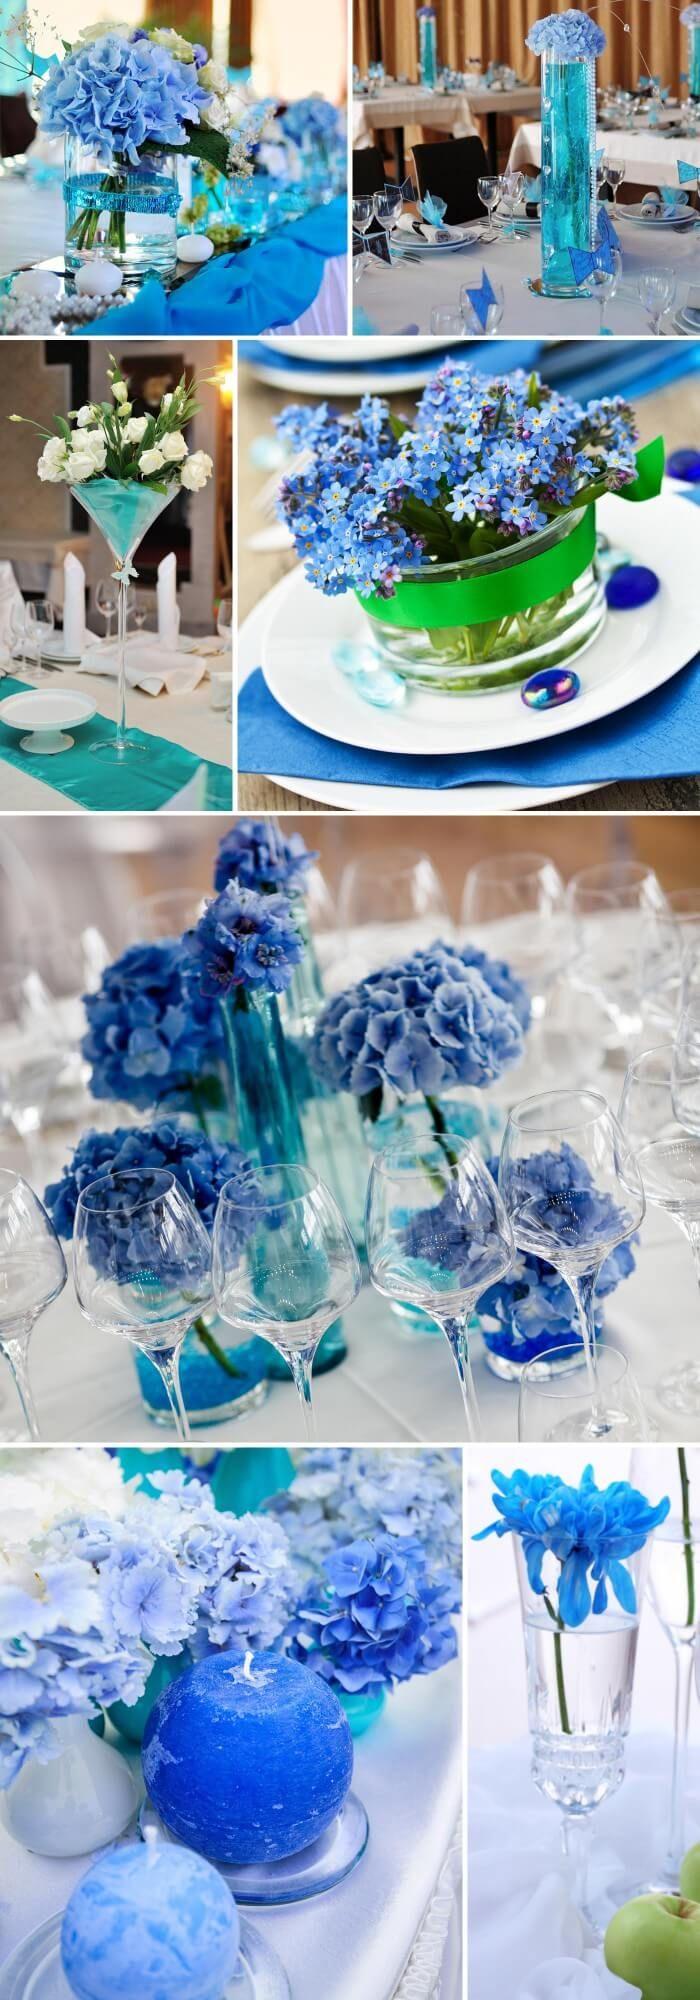 Decoración de mesa en turquesa y azul | Muchas ideas para la decoración de la boda.